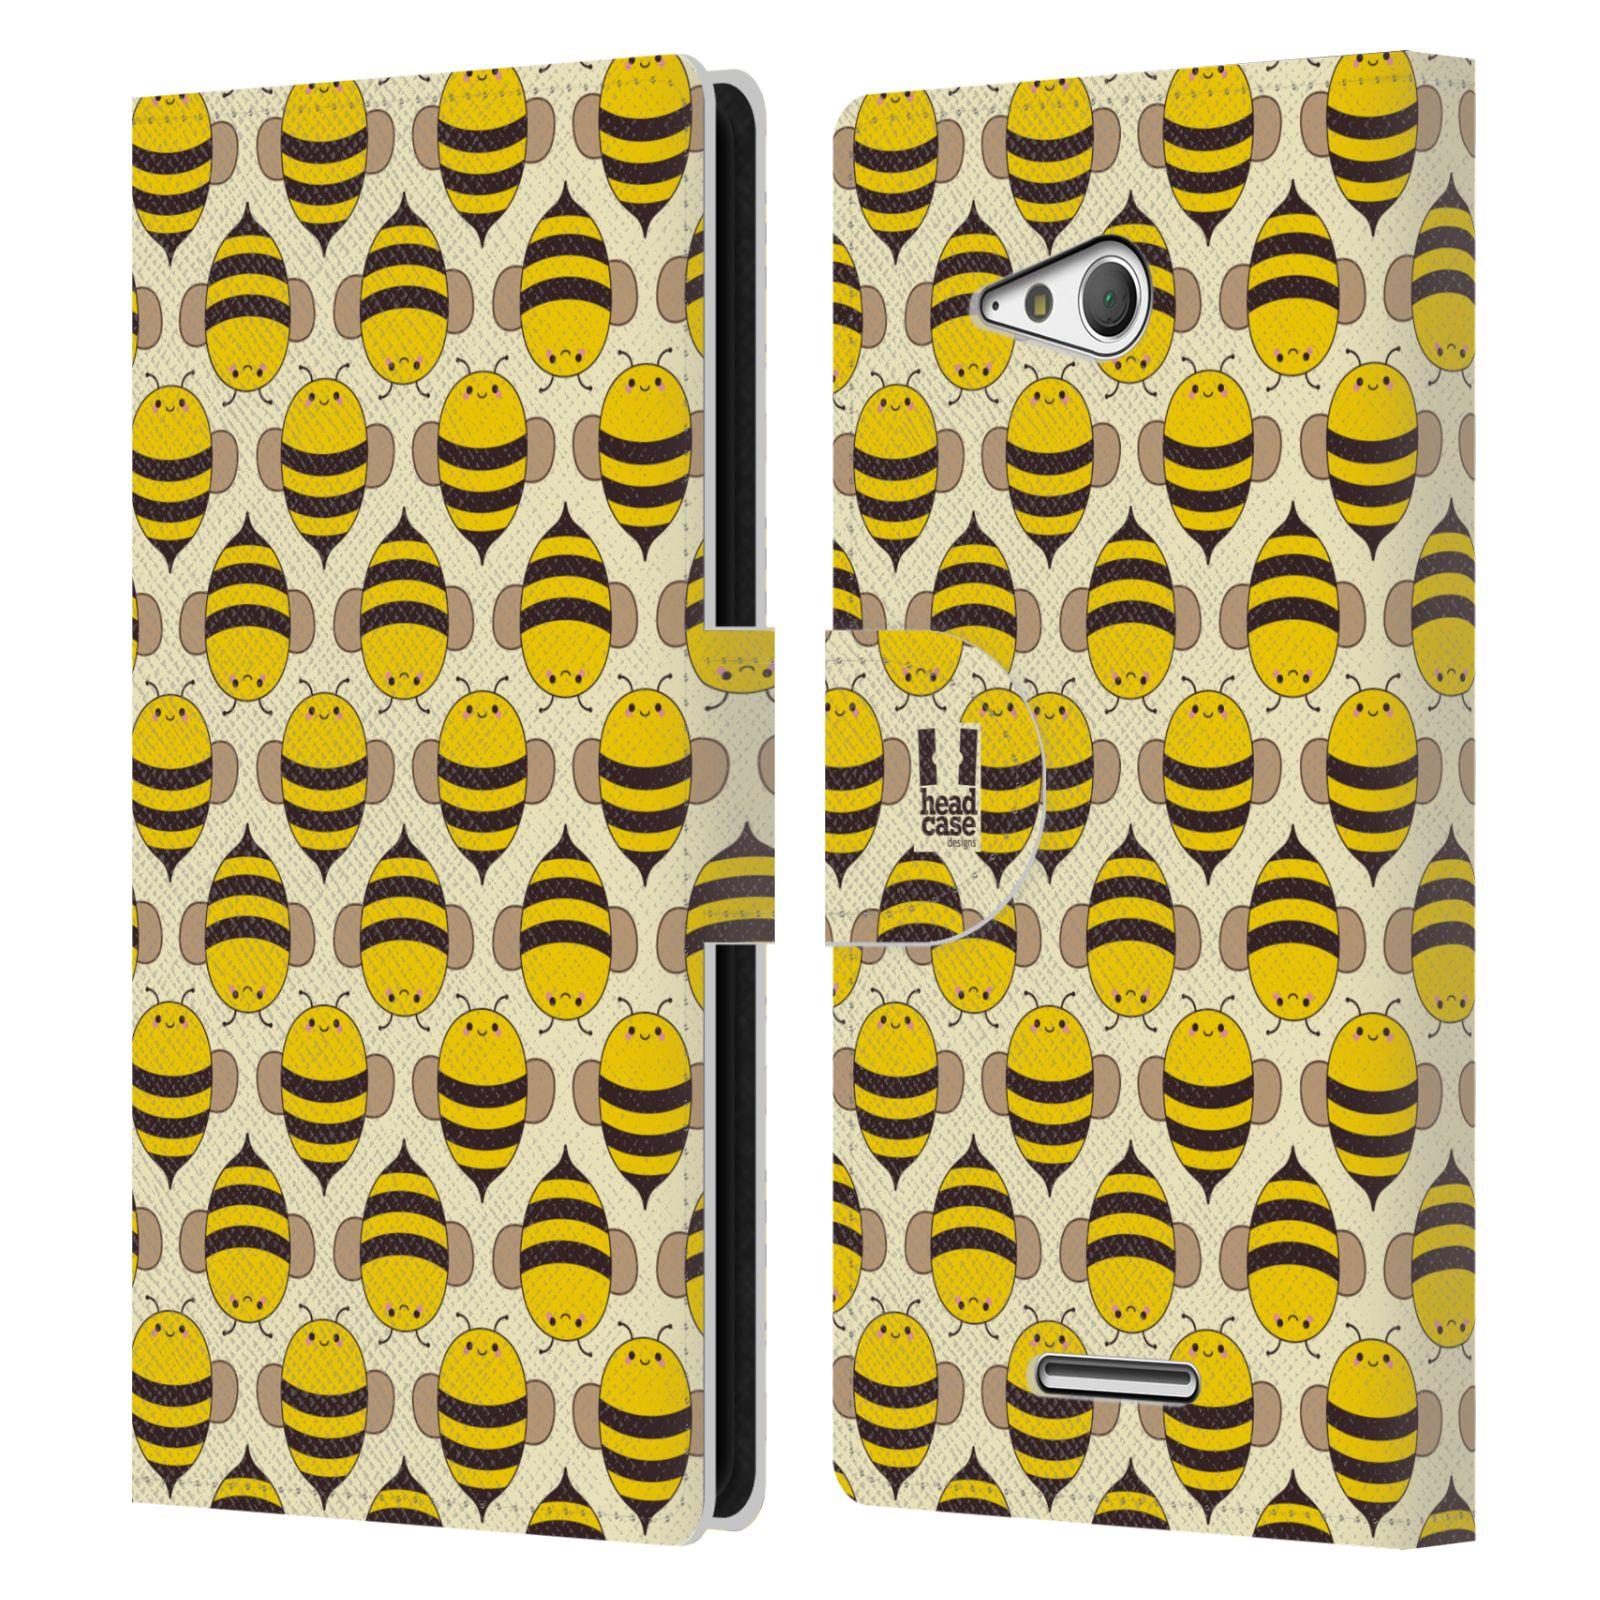 HEAD CASE Flipové pouzdro pro mobil SONY XPERIA E4g VČELÍ VZOR kolonie včelek